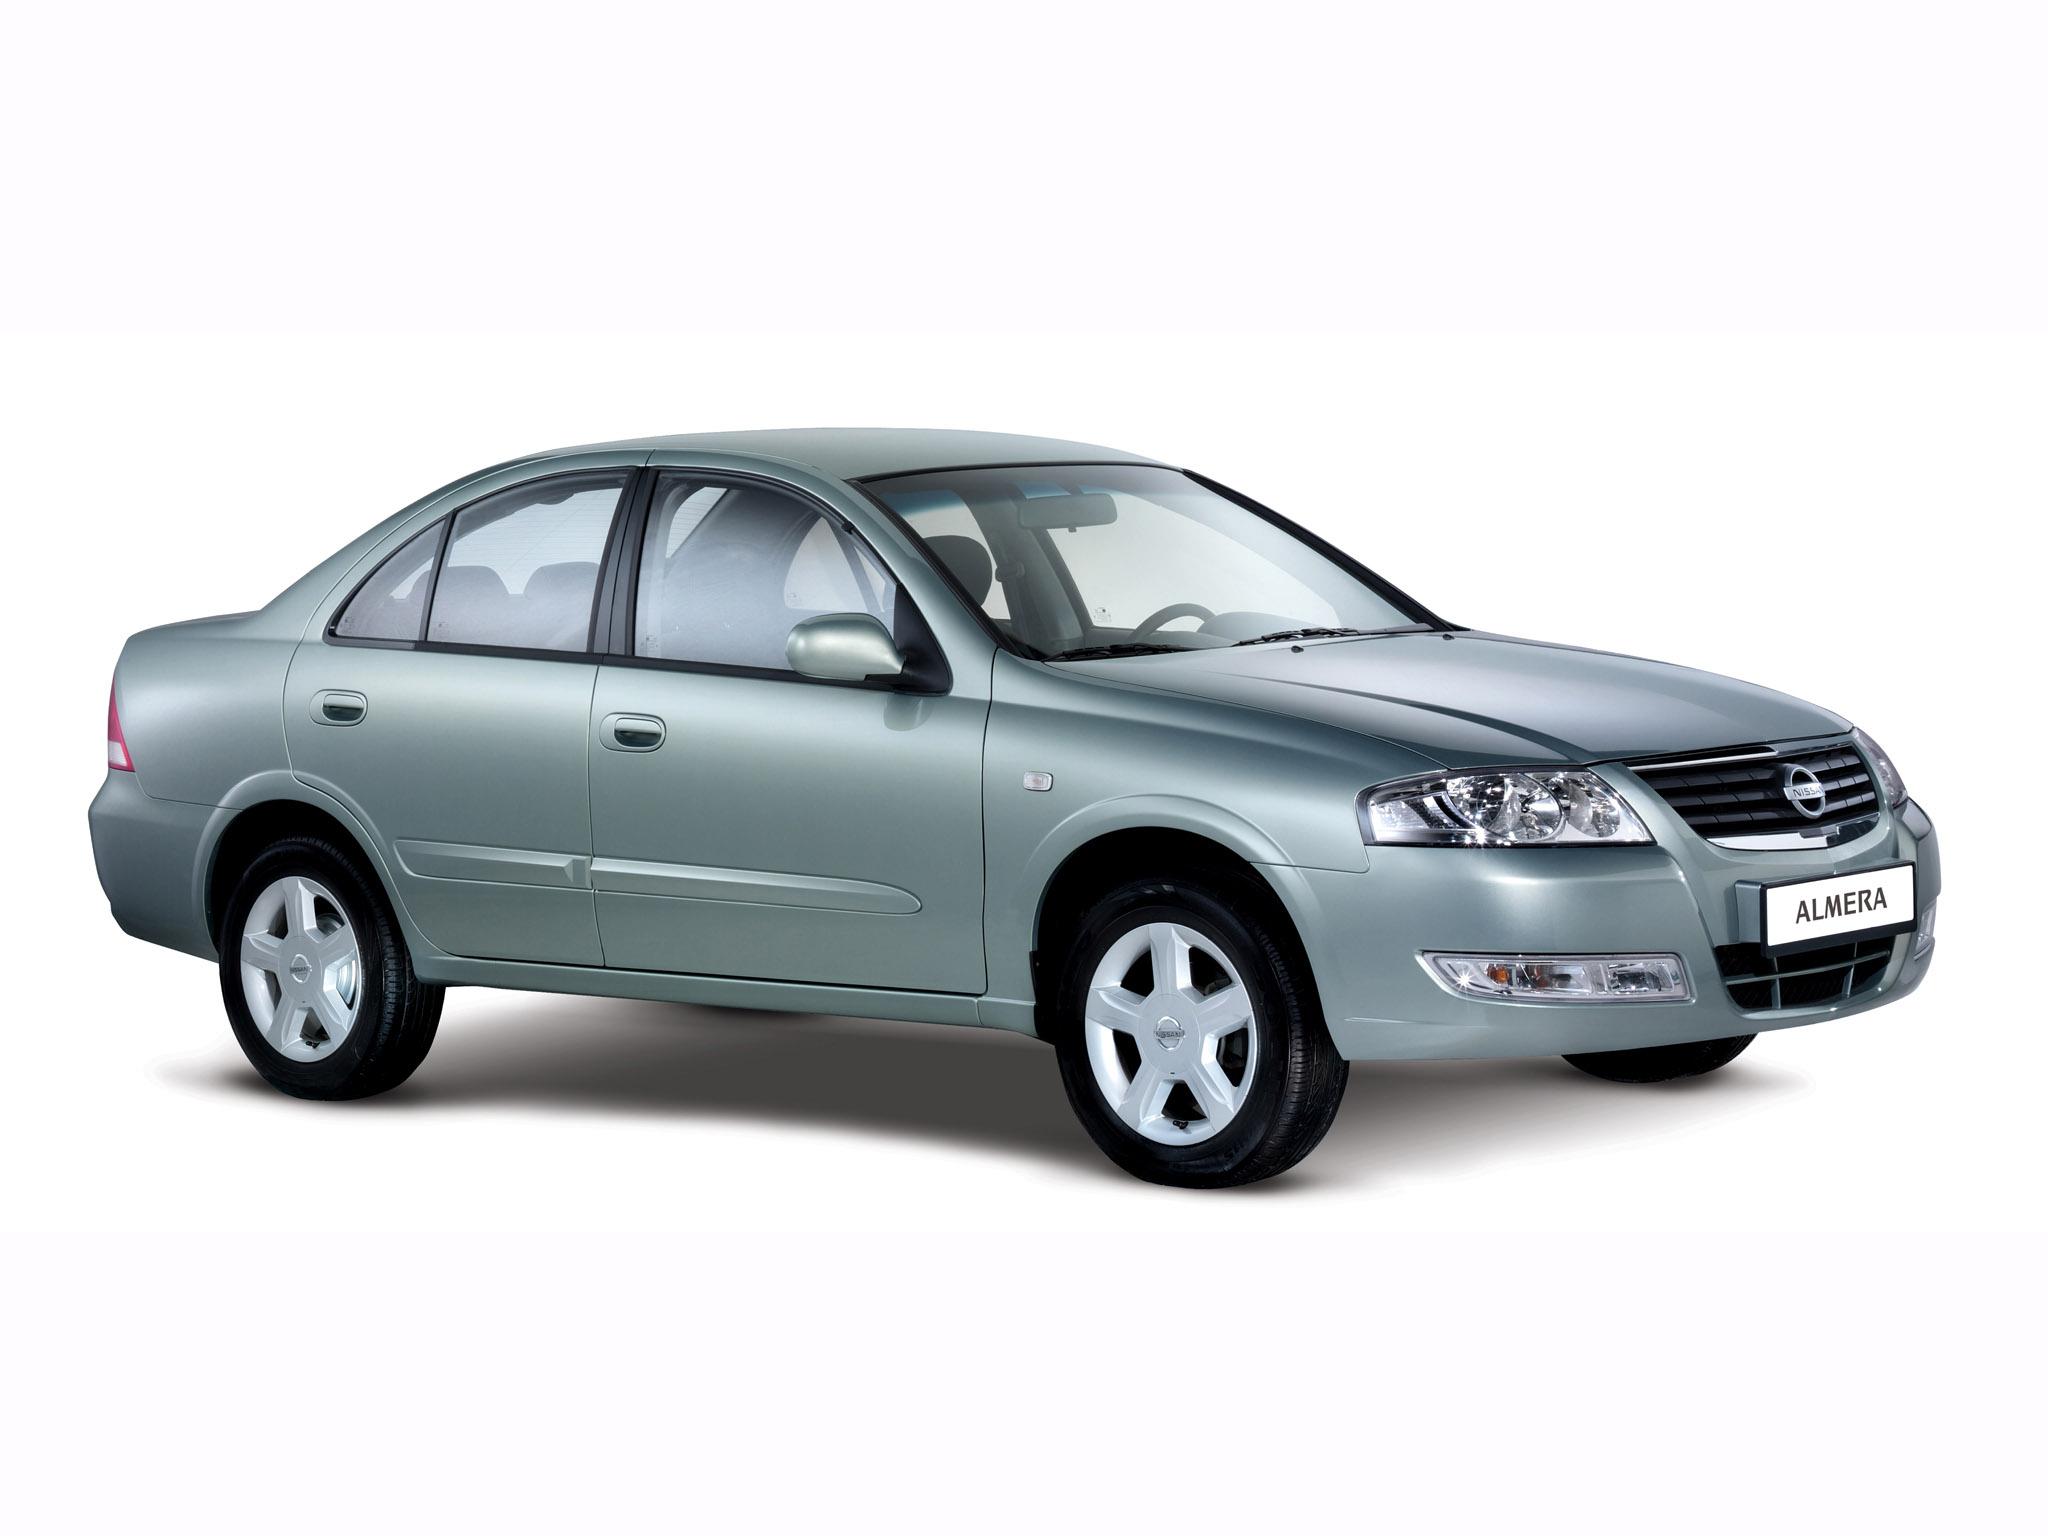 Almera N16 Tuning >> Nissan Almera Classic N16 2006 Nissan Almera Classic N16 2006 Photo 14 – Car in pictures - car ...